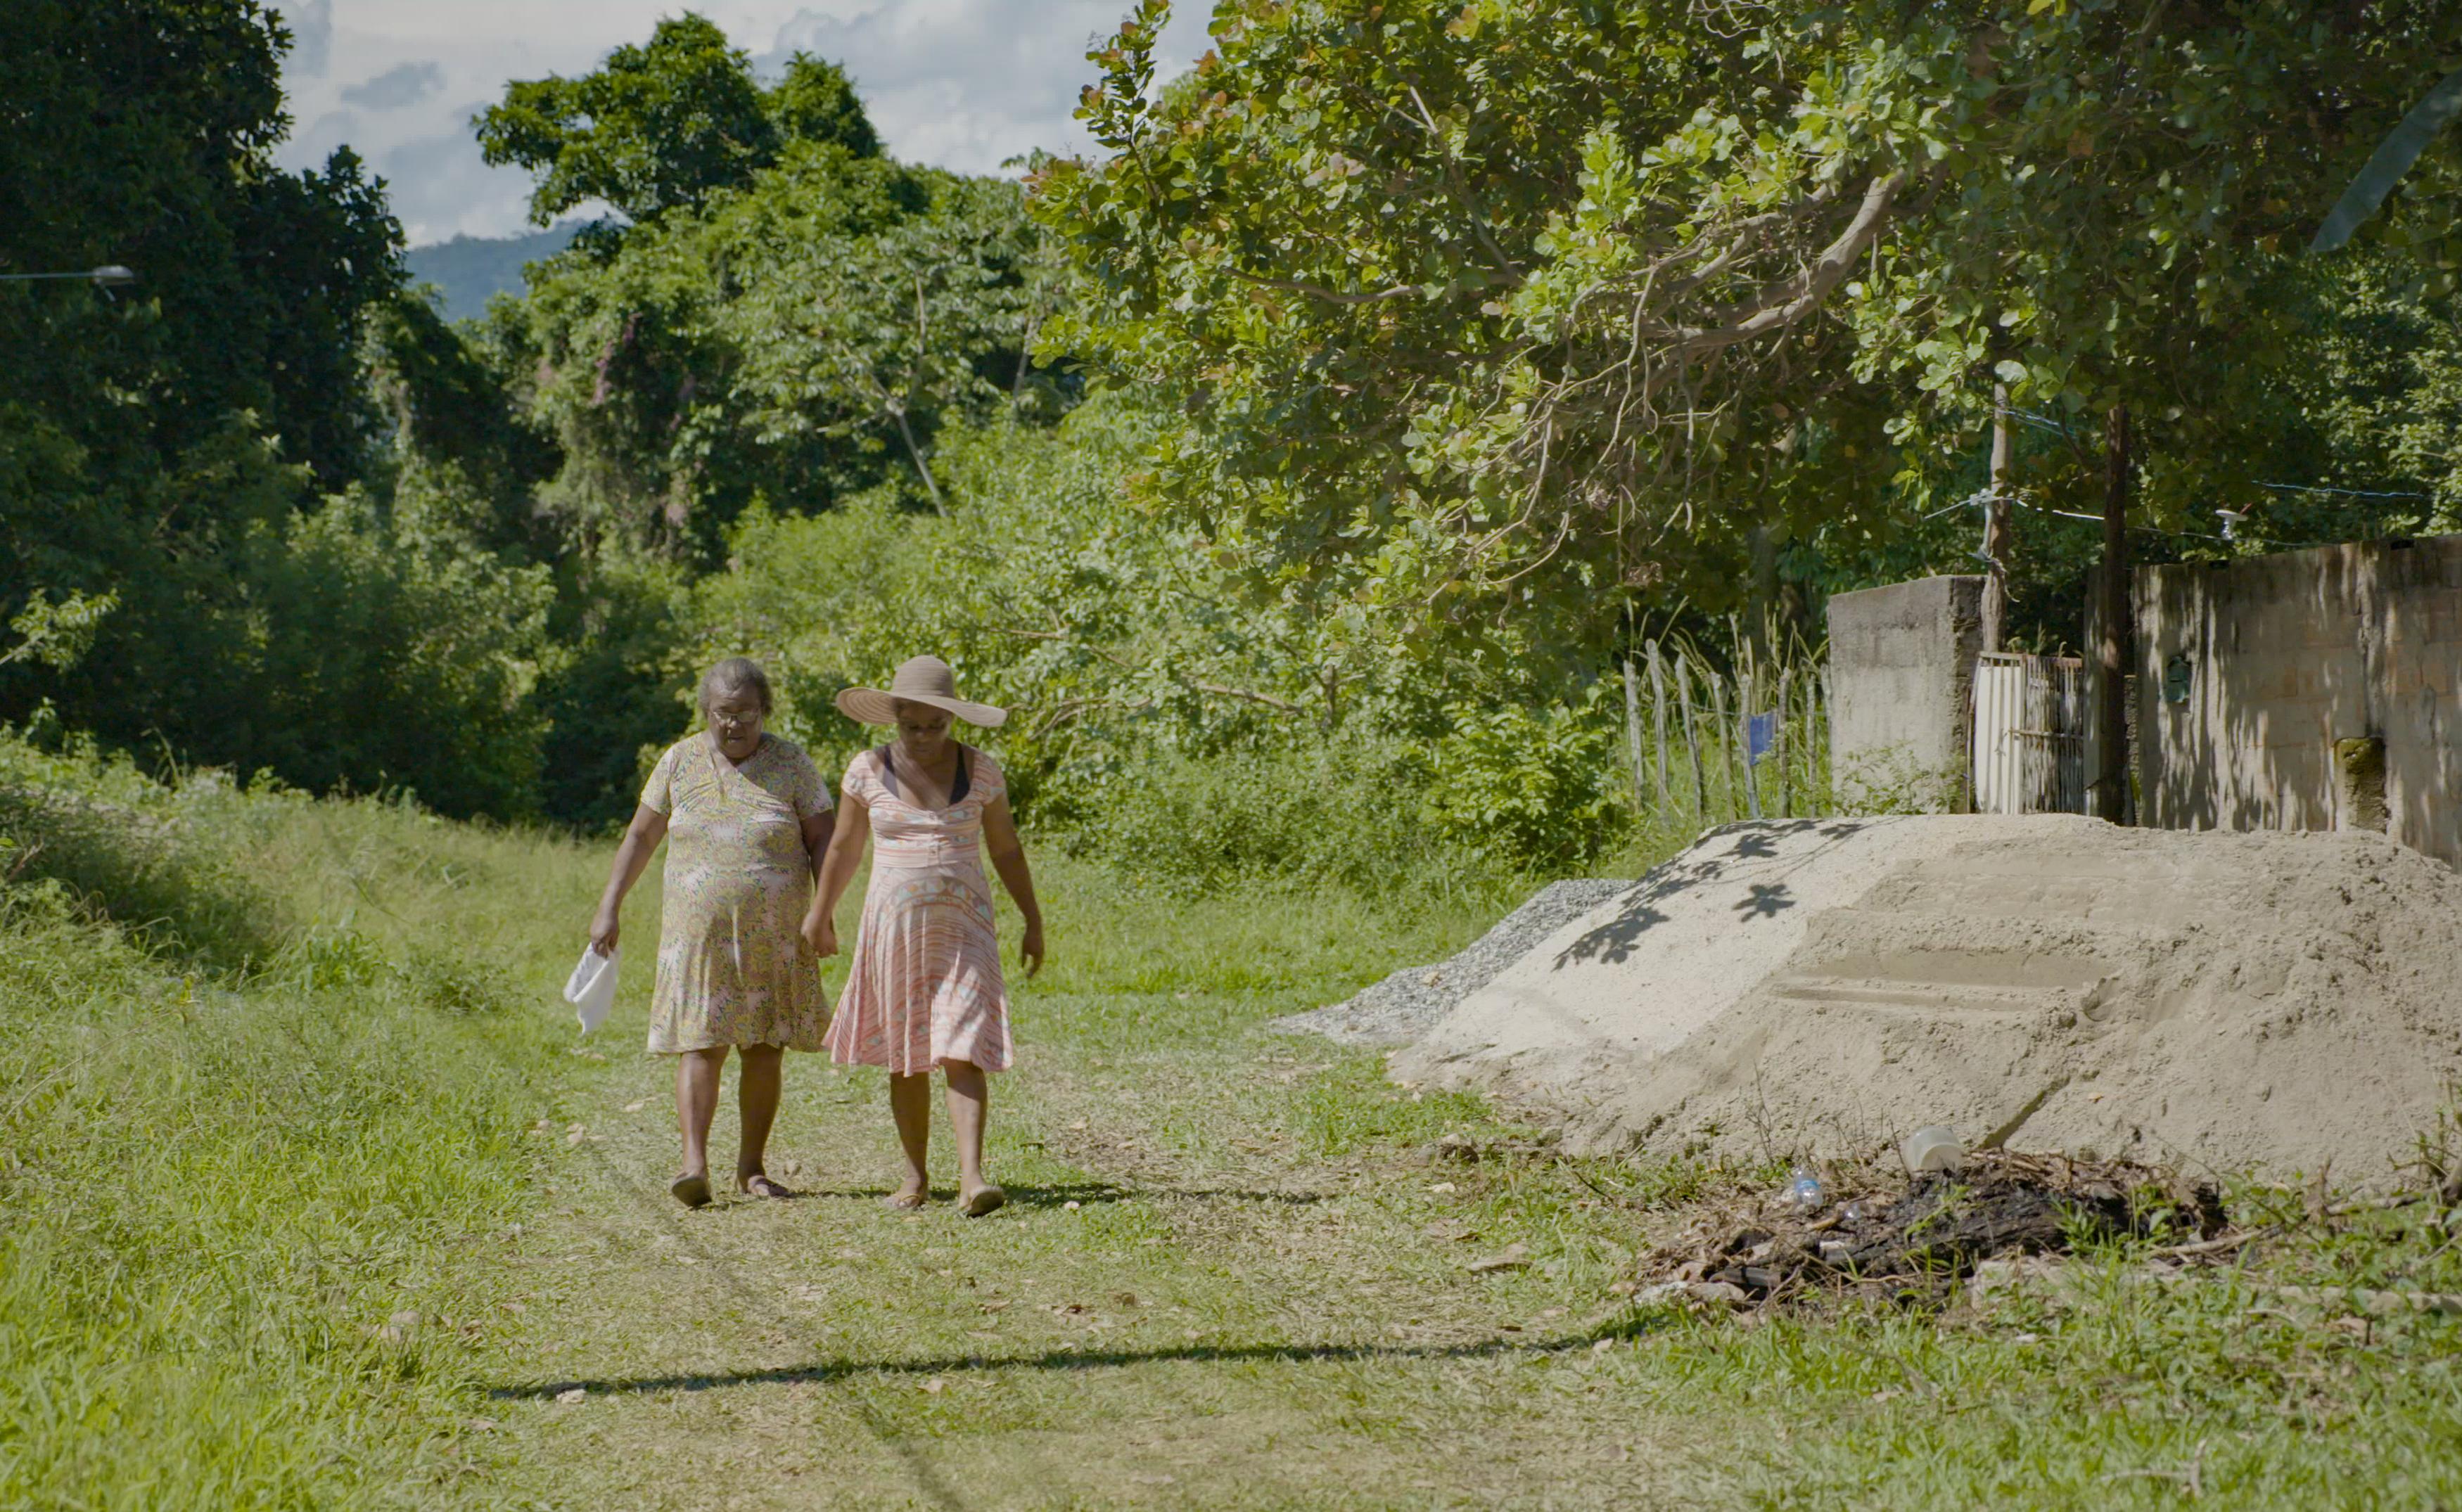 mulheres caminham de mãos dadas numa área rural